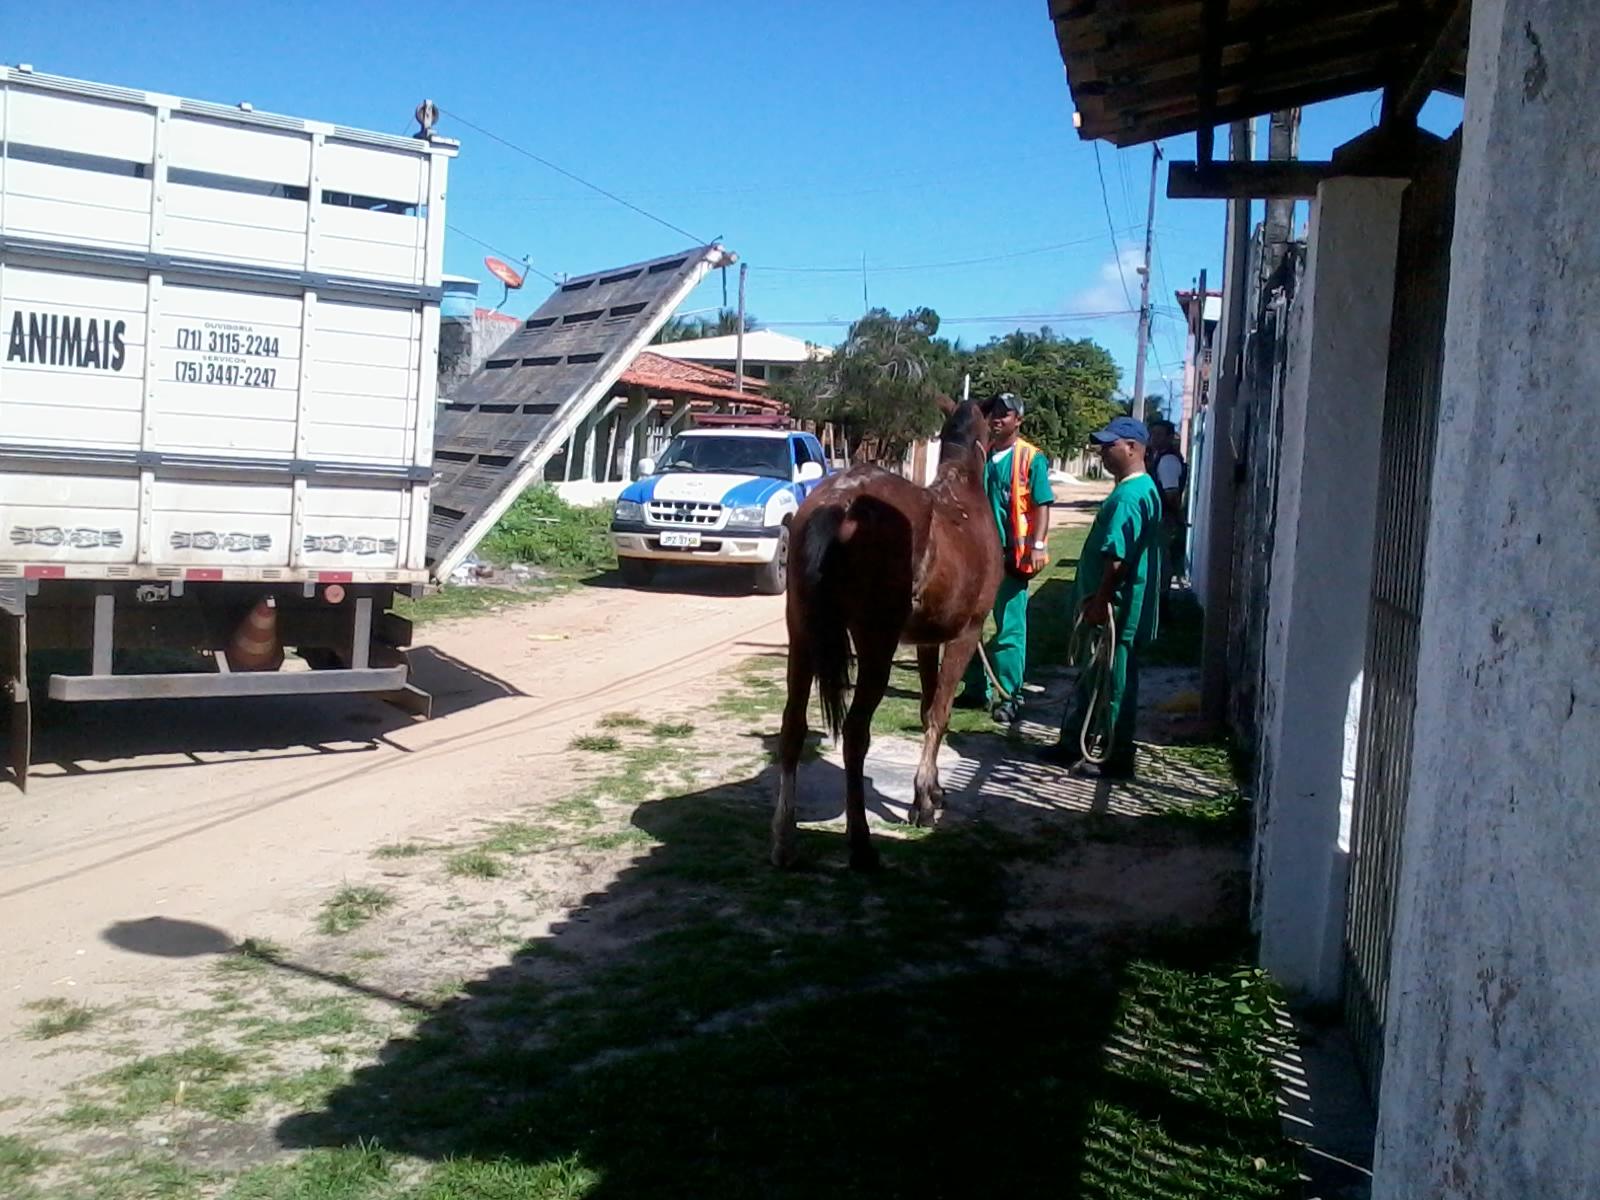 ENTRE RIOS ANIMAIS 3